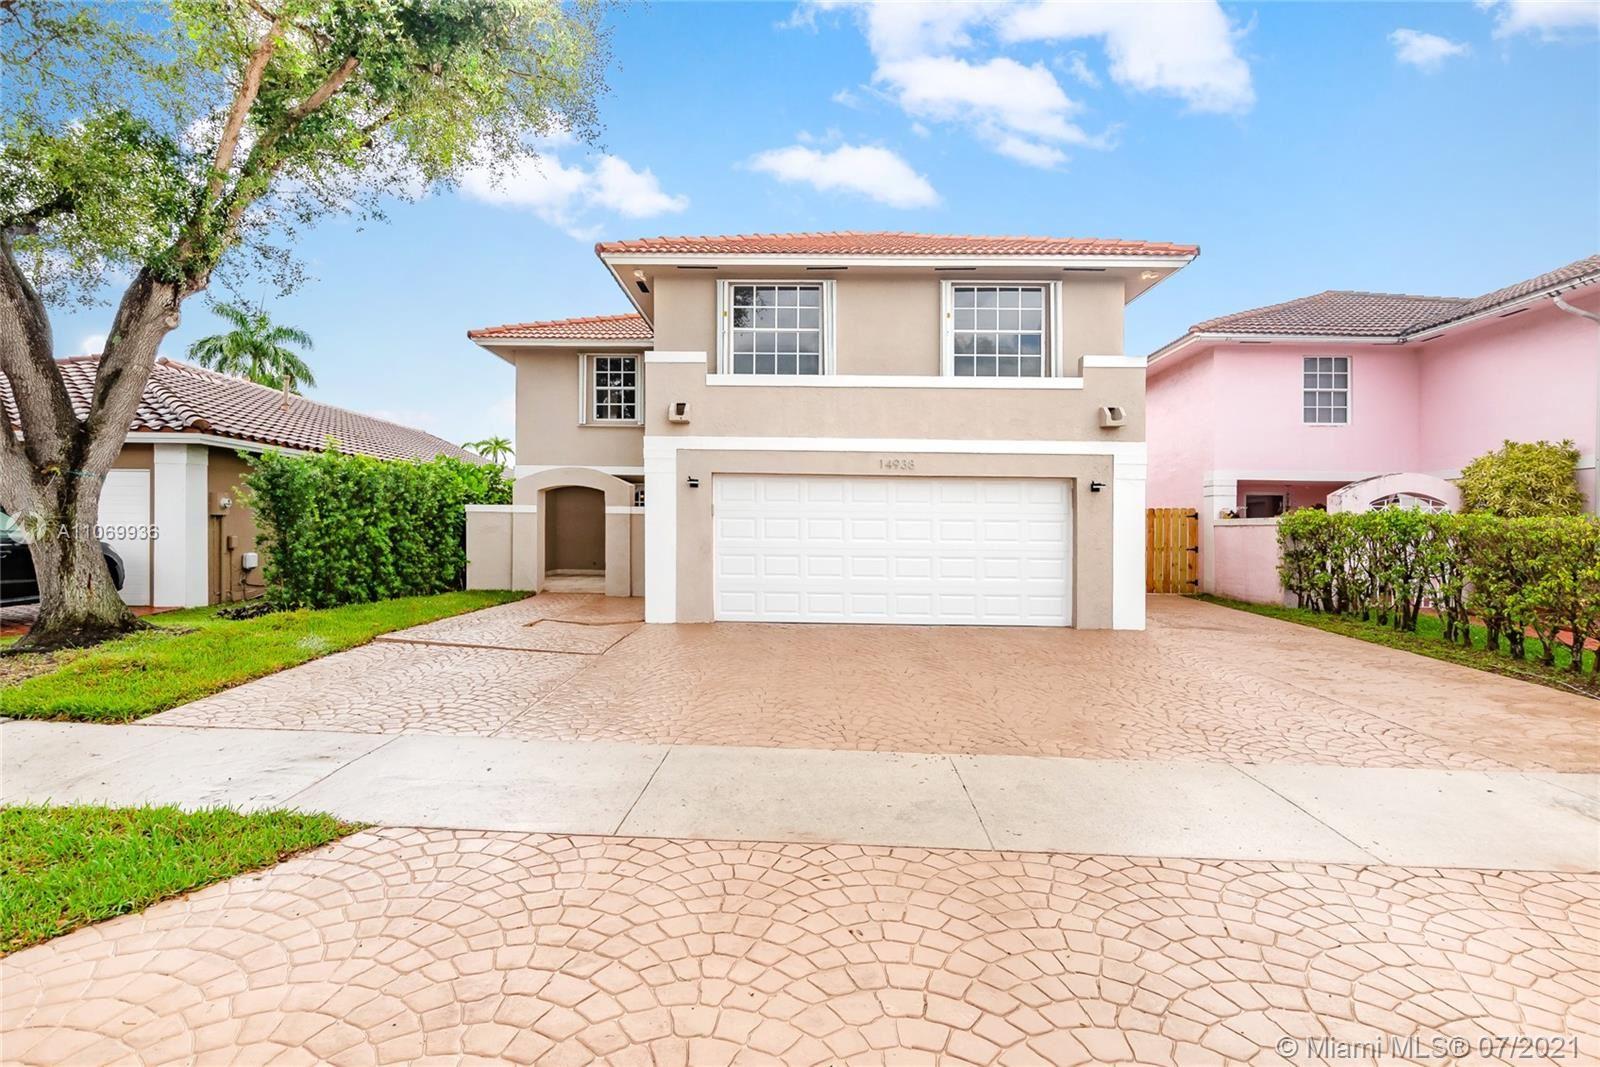 14938 SW 59th St, Miami, FL 33193 - #: A11069936